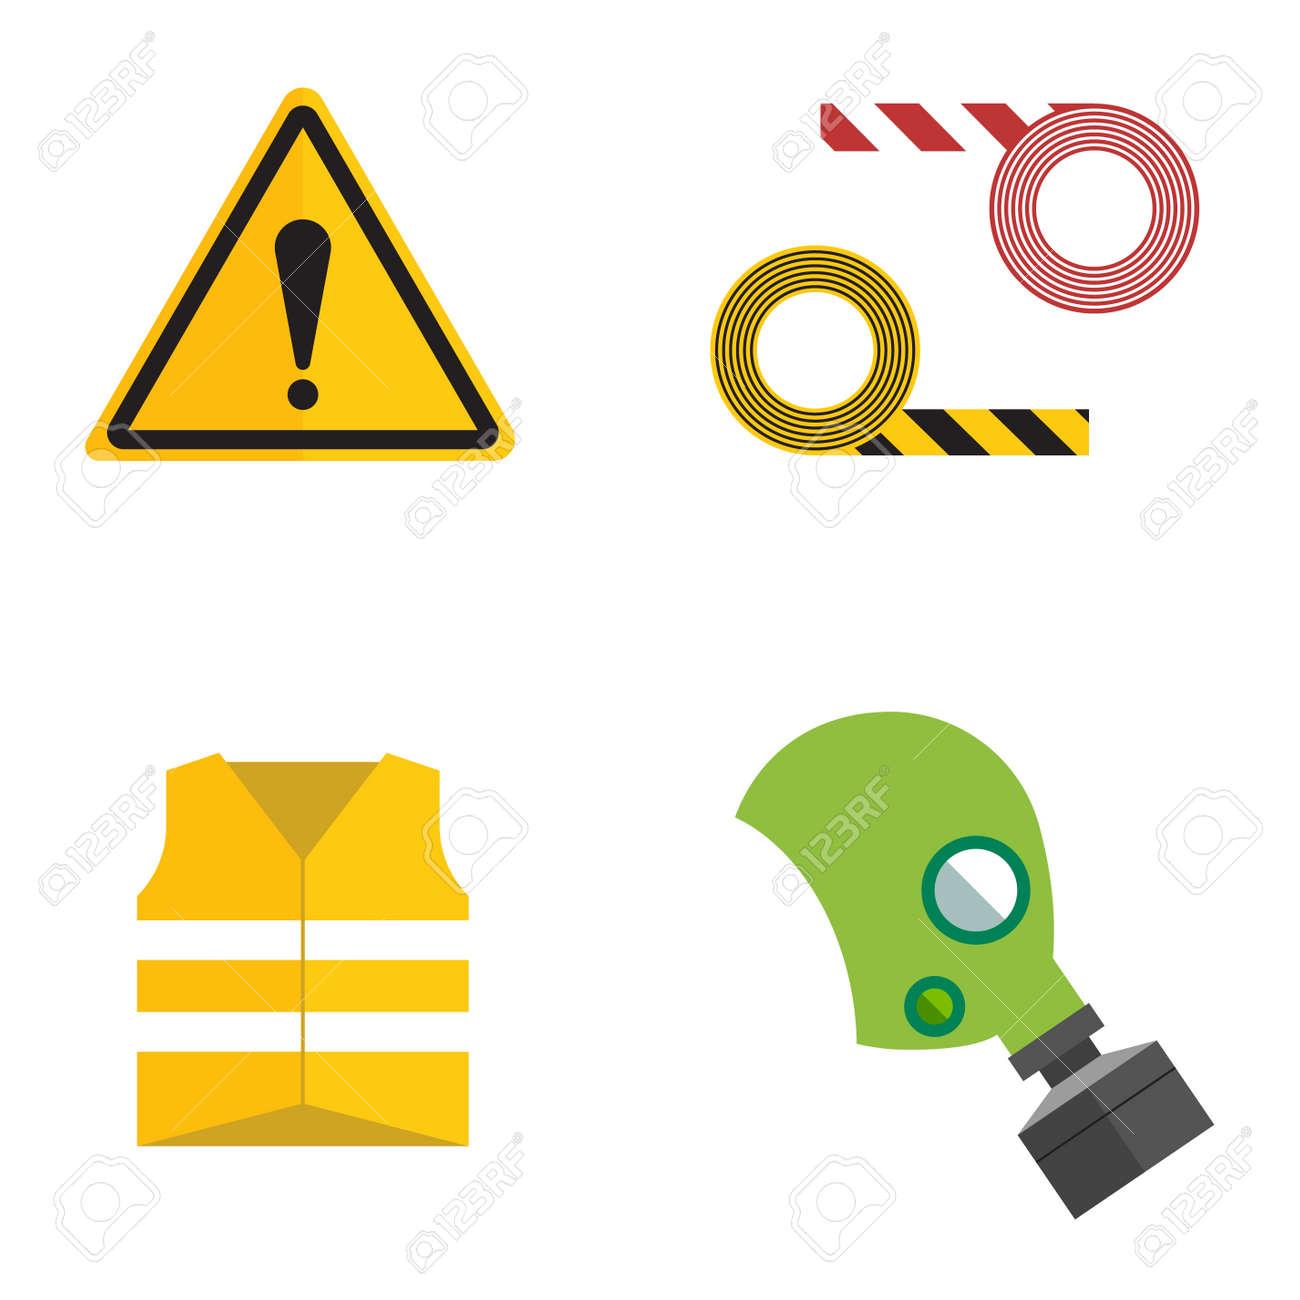 Safety work icons flat style safety icons vector illustration safety work icons flat style safety icons vector illustration safety icons isolated on white buycottarizona